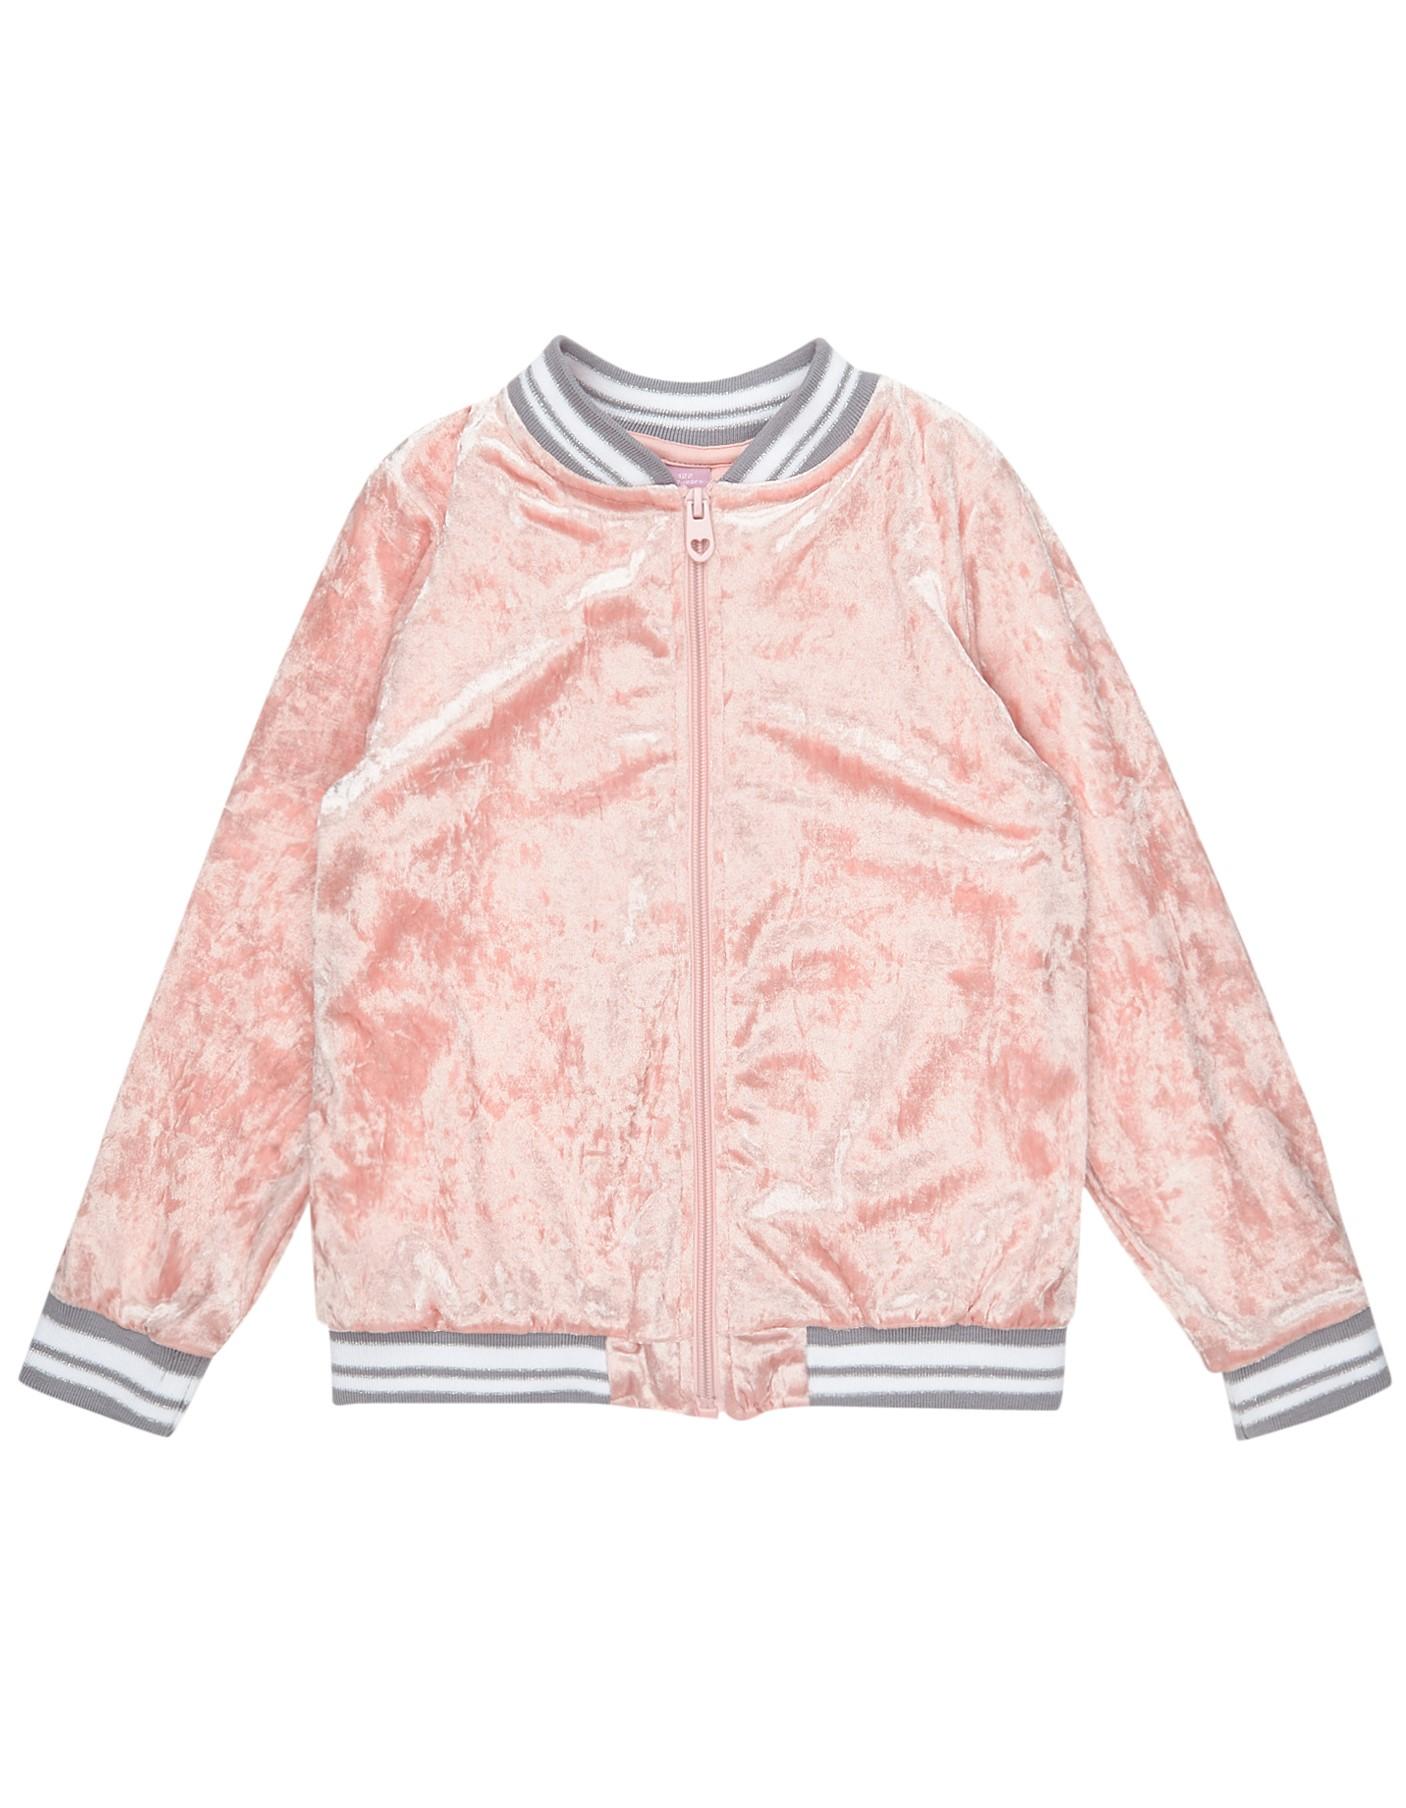 Mädchen Sweatjacke aus Samt rosa | 81519904040807